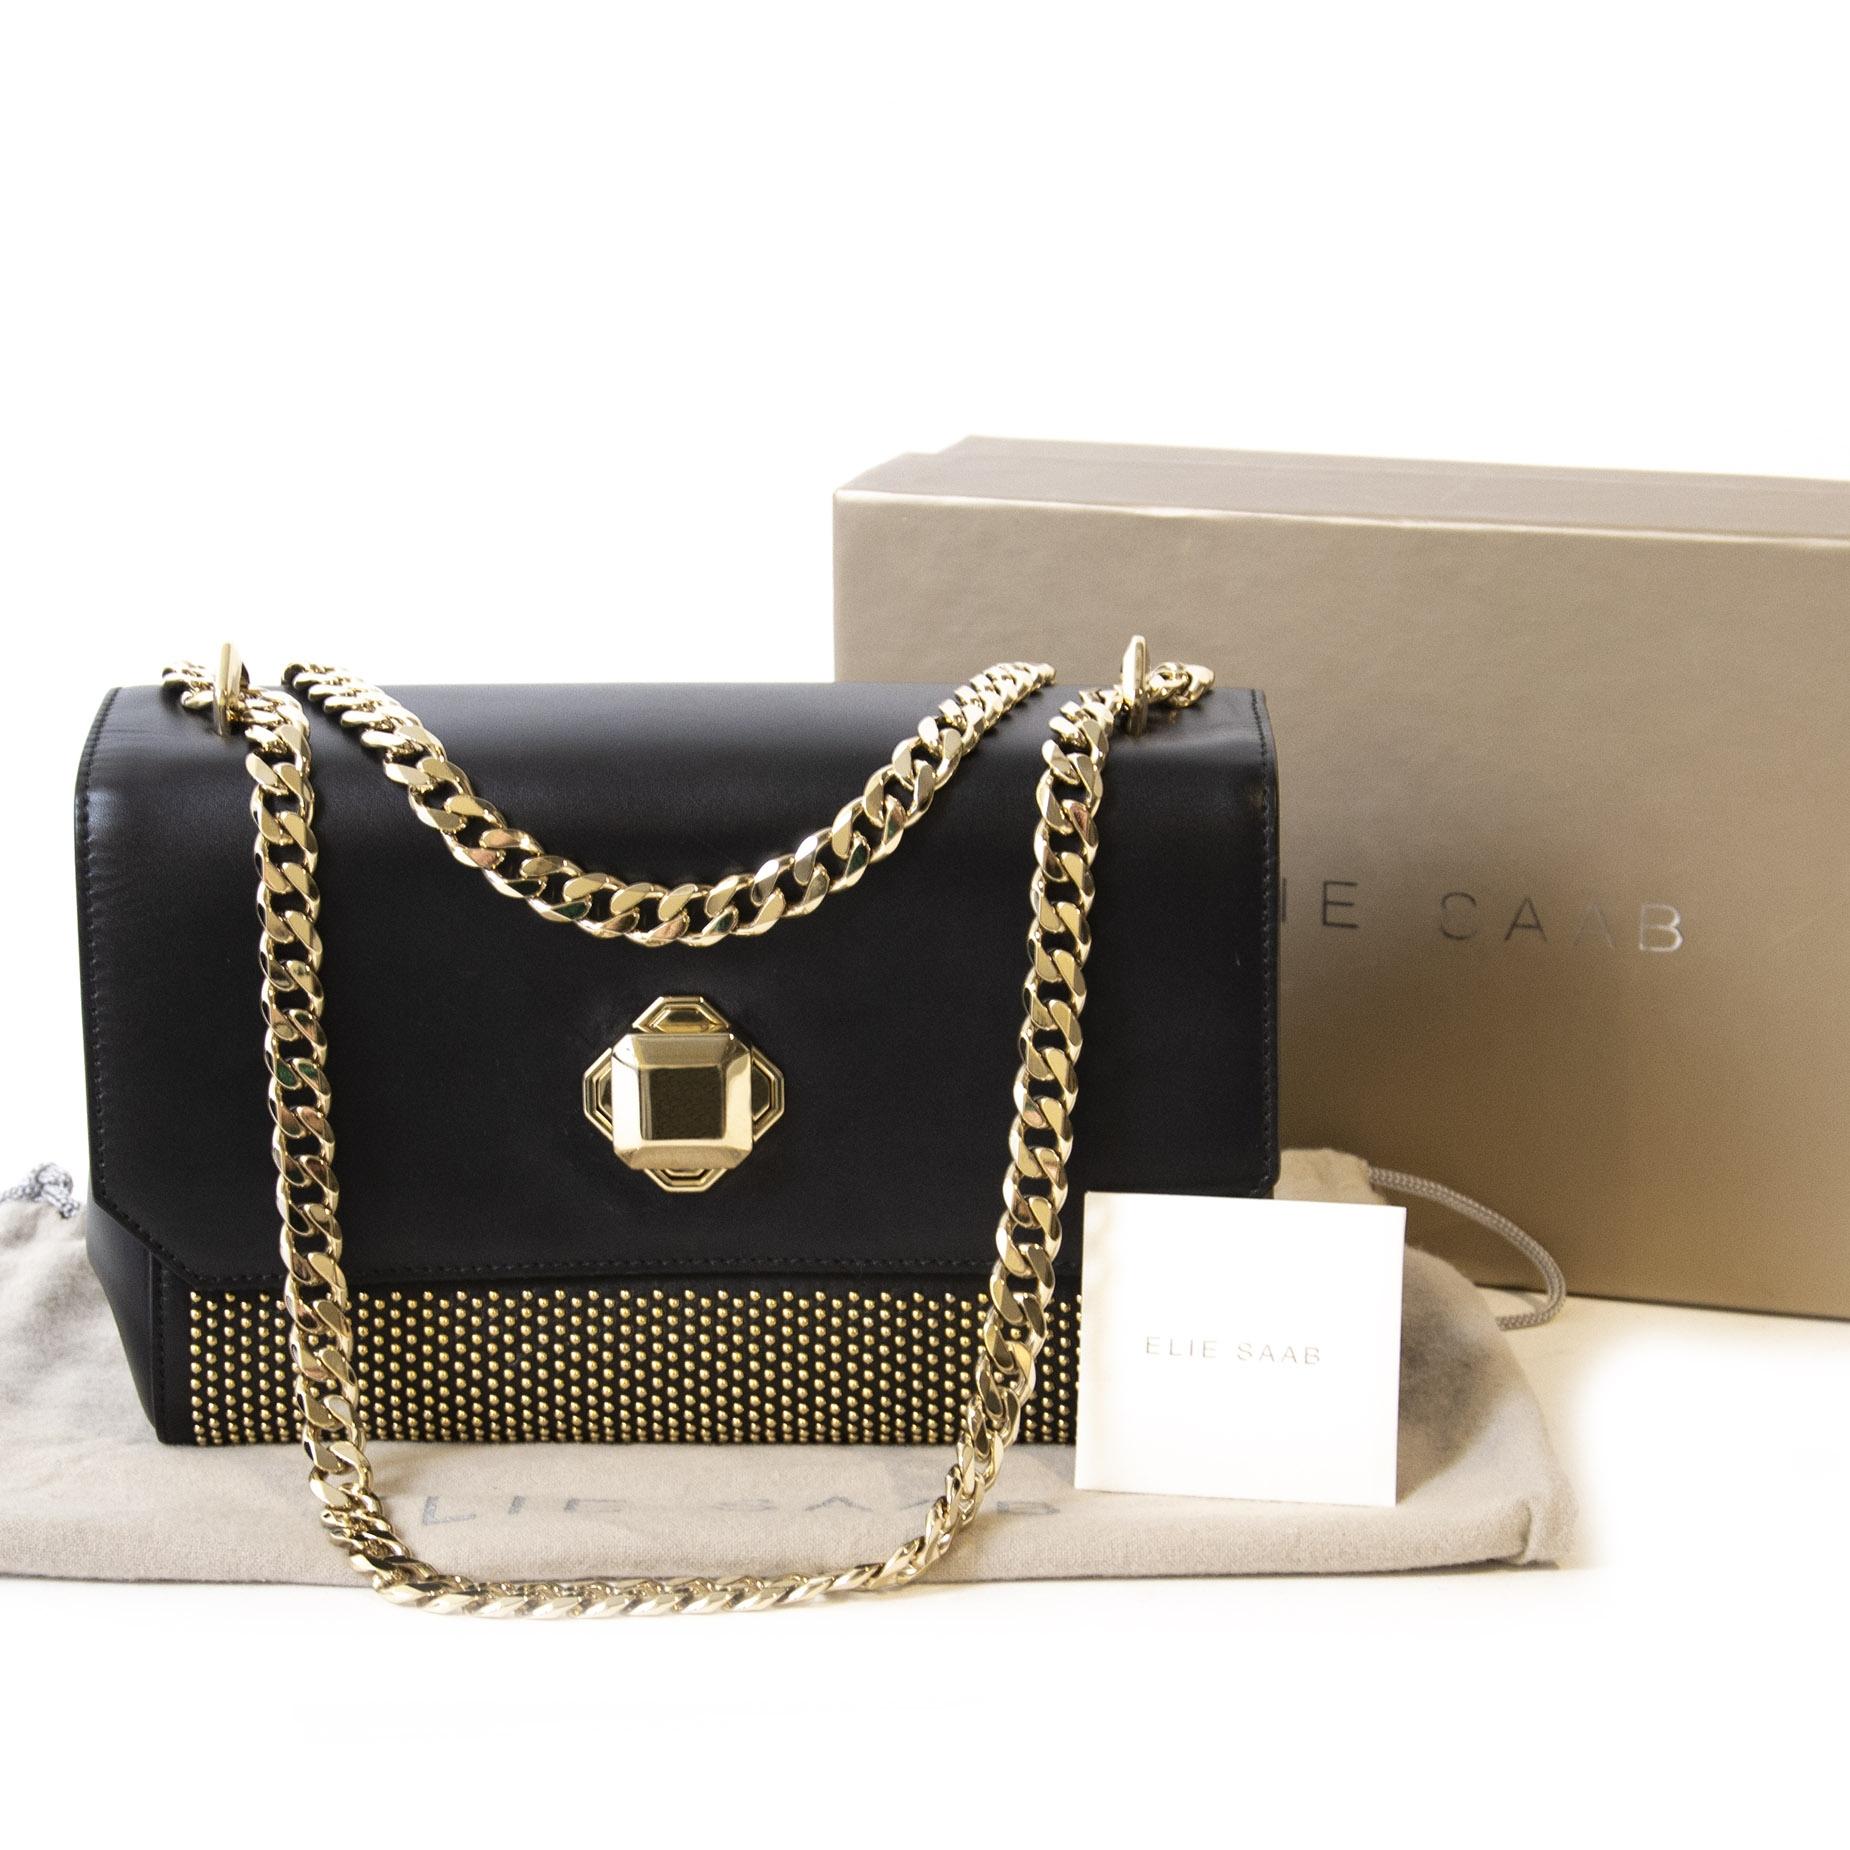 Authentieke tweedehands vintage Elie Saab Black Studded Crossbody Bag koop online webshop LabelLOV